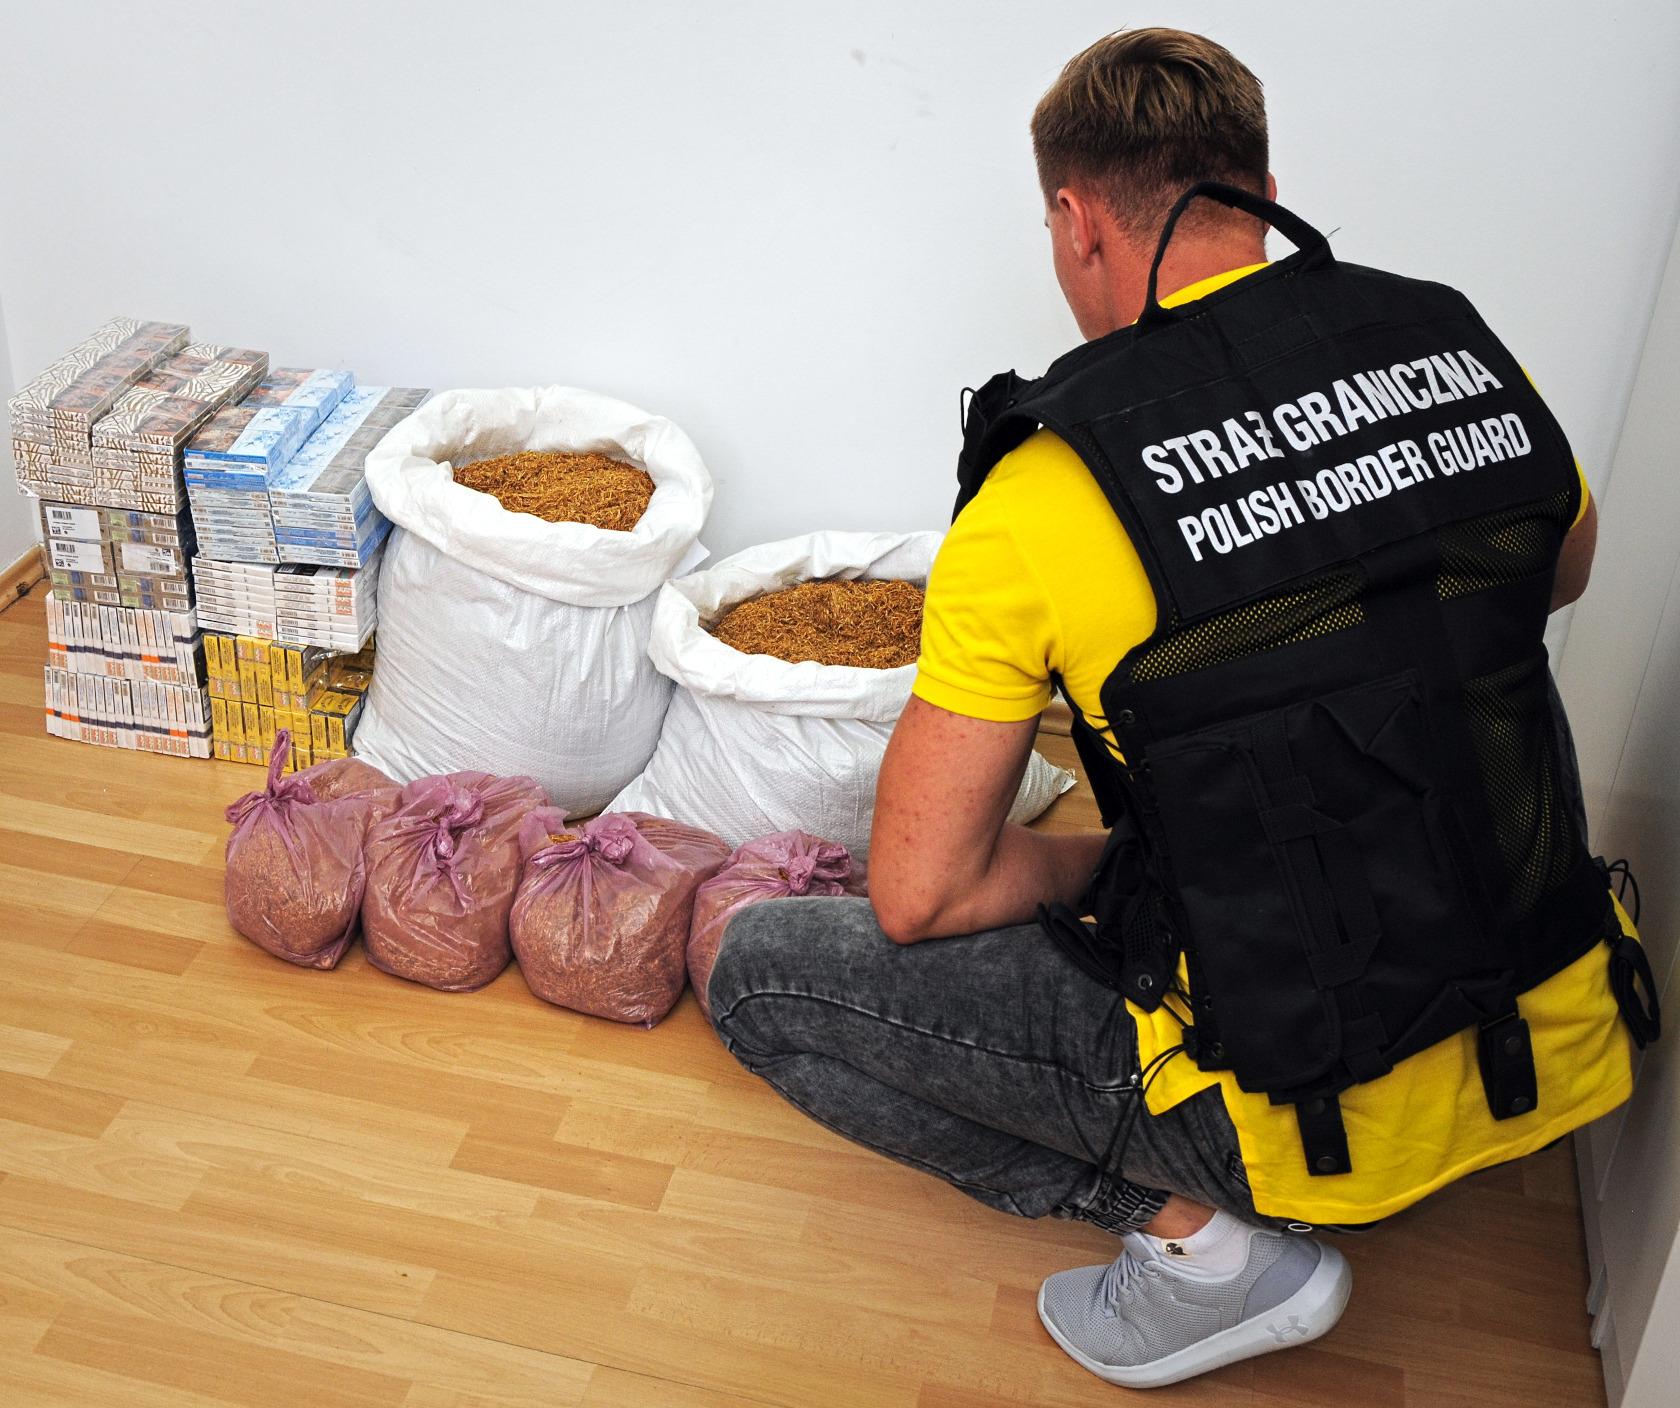 Rzeszów: Magazyn kontrabandy; odkryto nielegalny tytoń i papierosy - Zdjęcie główne